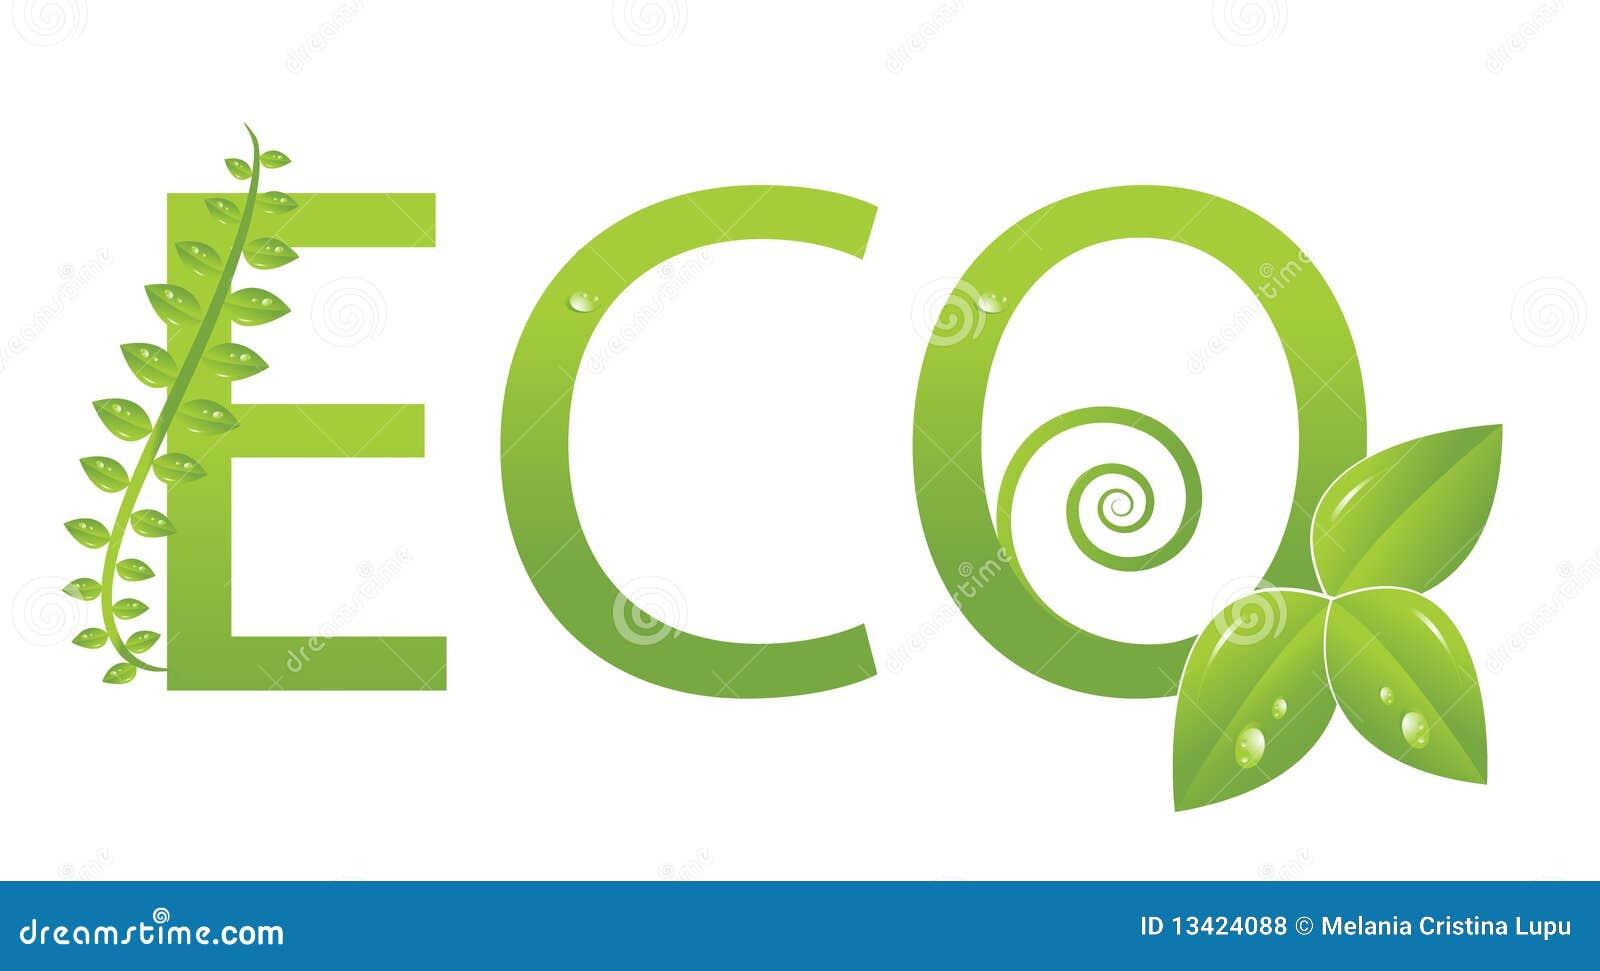 下落生态环境新绿色叶子徽标消息保护水.图片